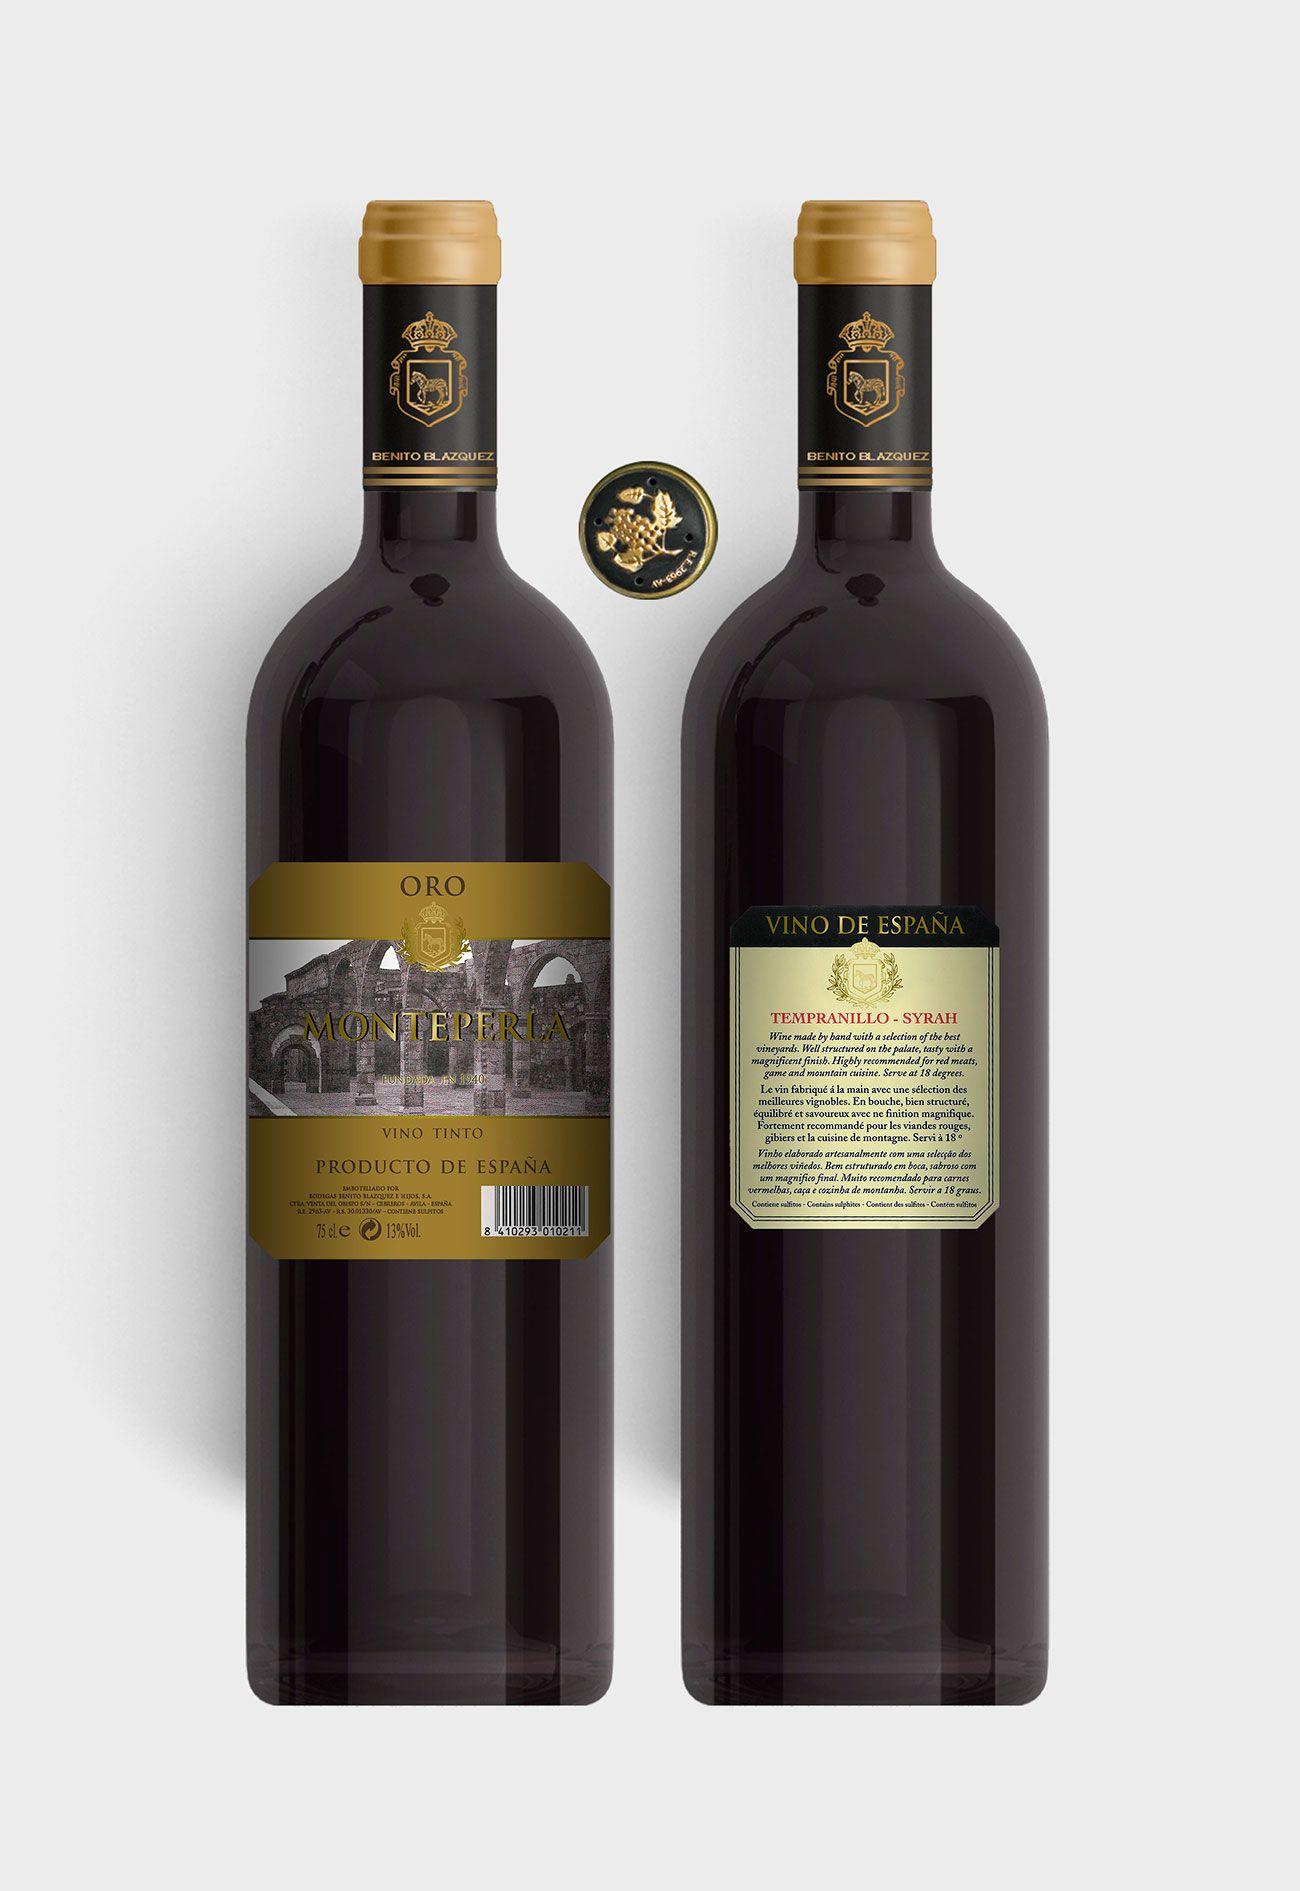 Benito Blázquez - Botella vino tinto Monteperla